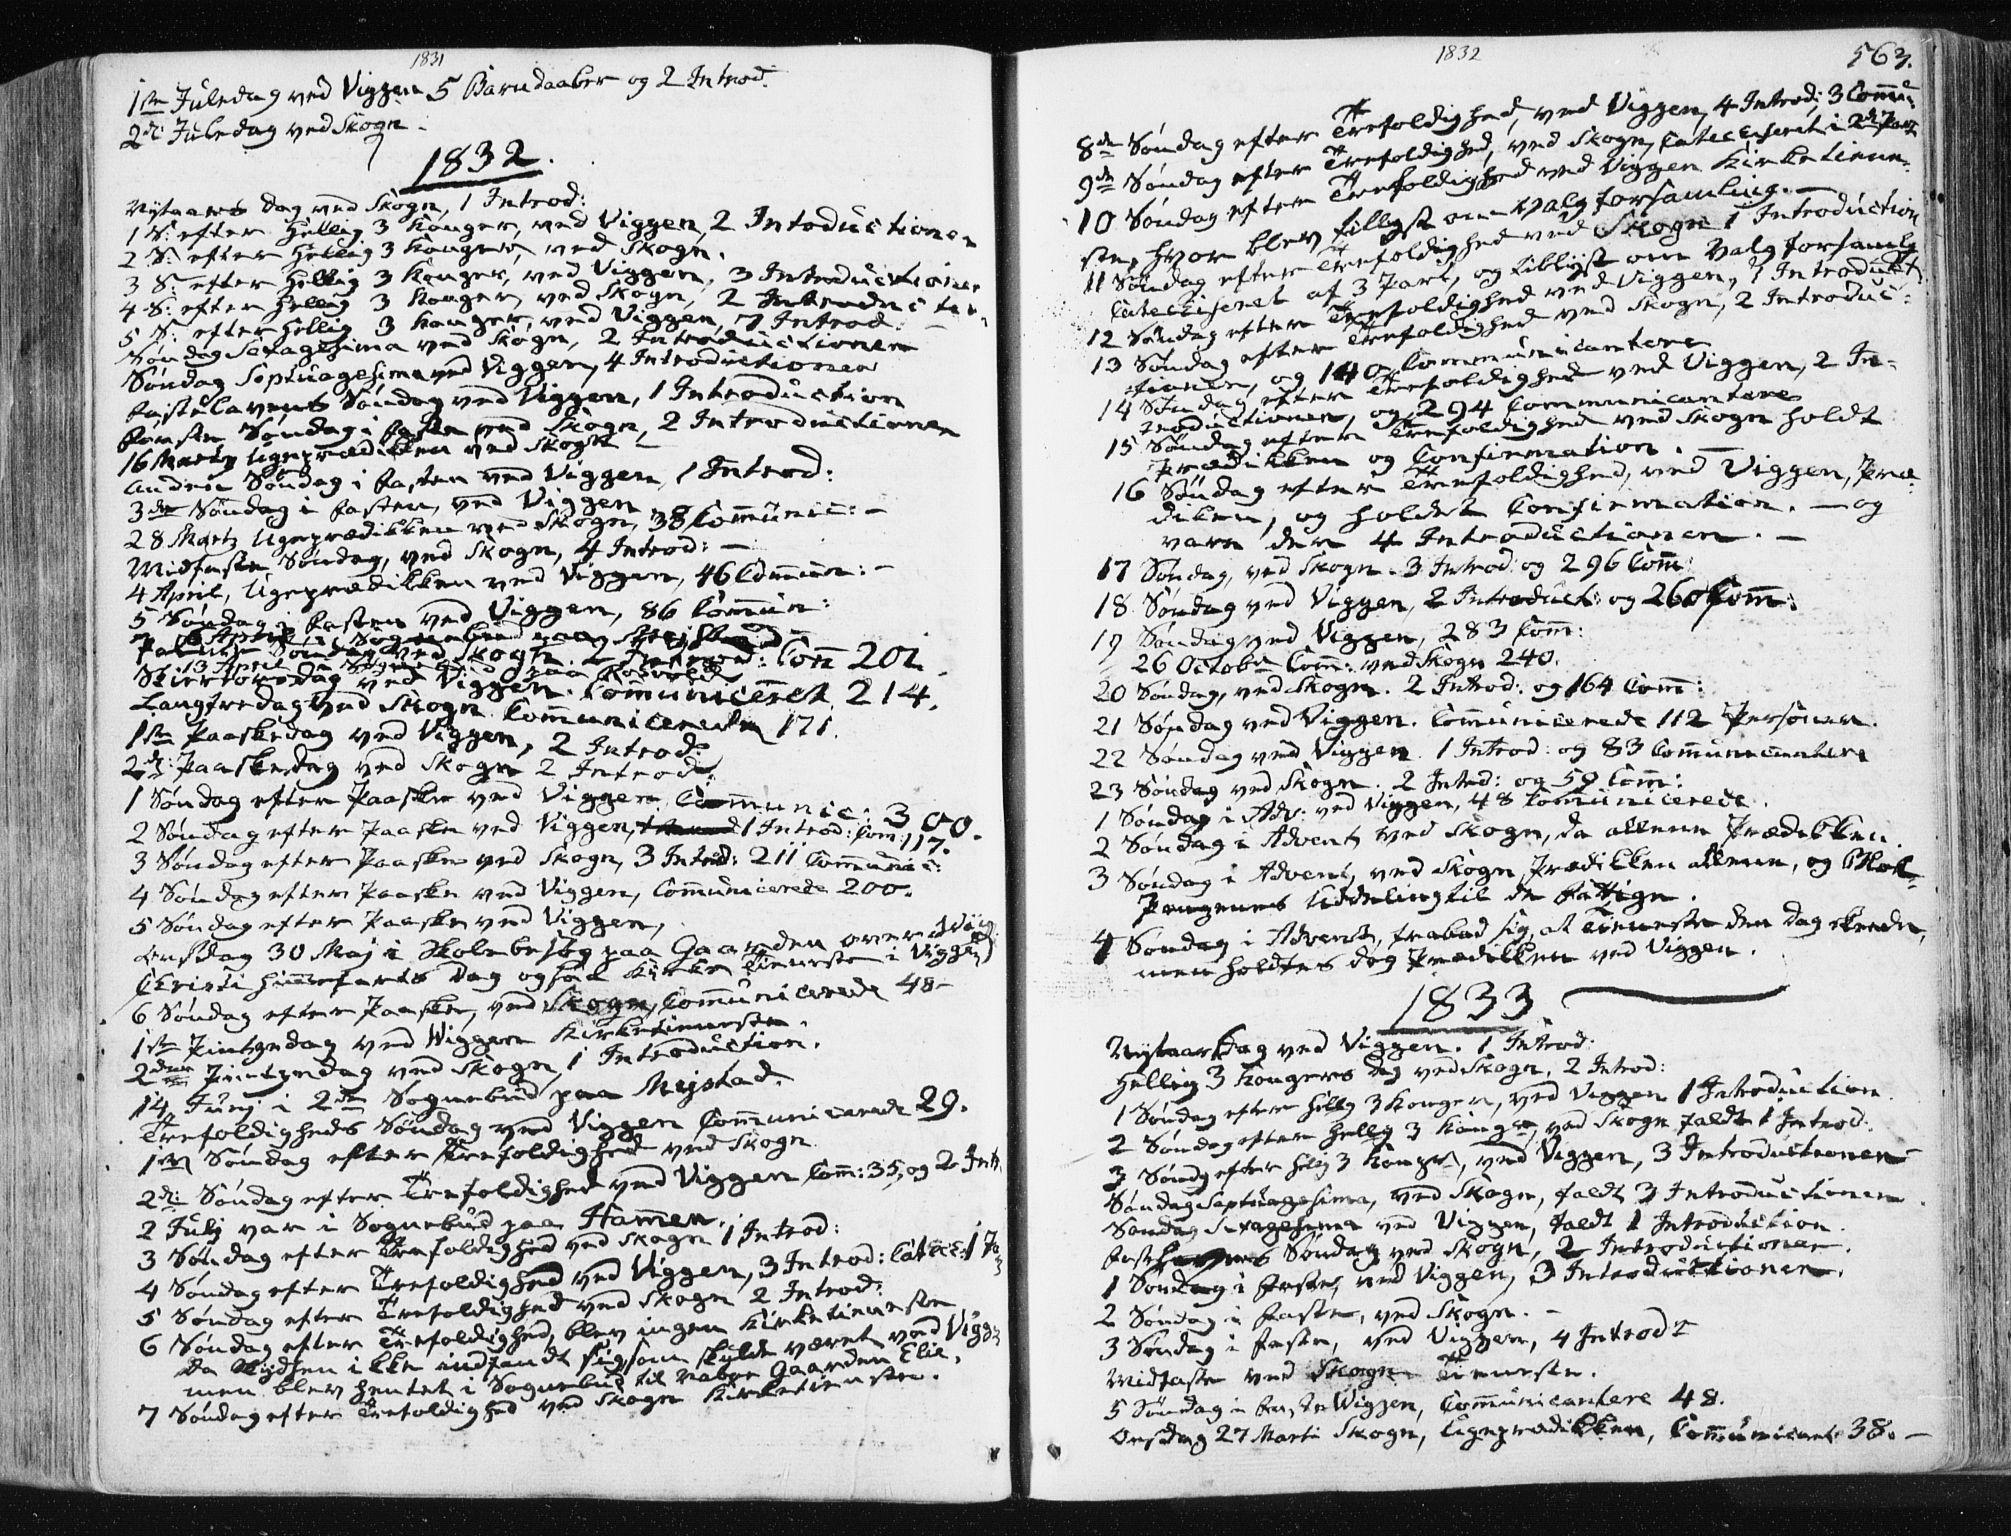 SAT, Ministerialprotokoller, klokkerbøker og fødselsregistre - Sør-Trøndelag, 665/L0771: Ministerialbok nr. 665A06, 1830-1856, s. 563